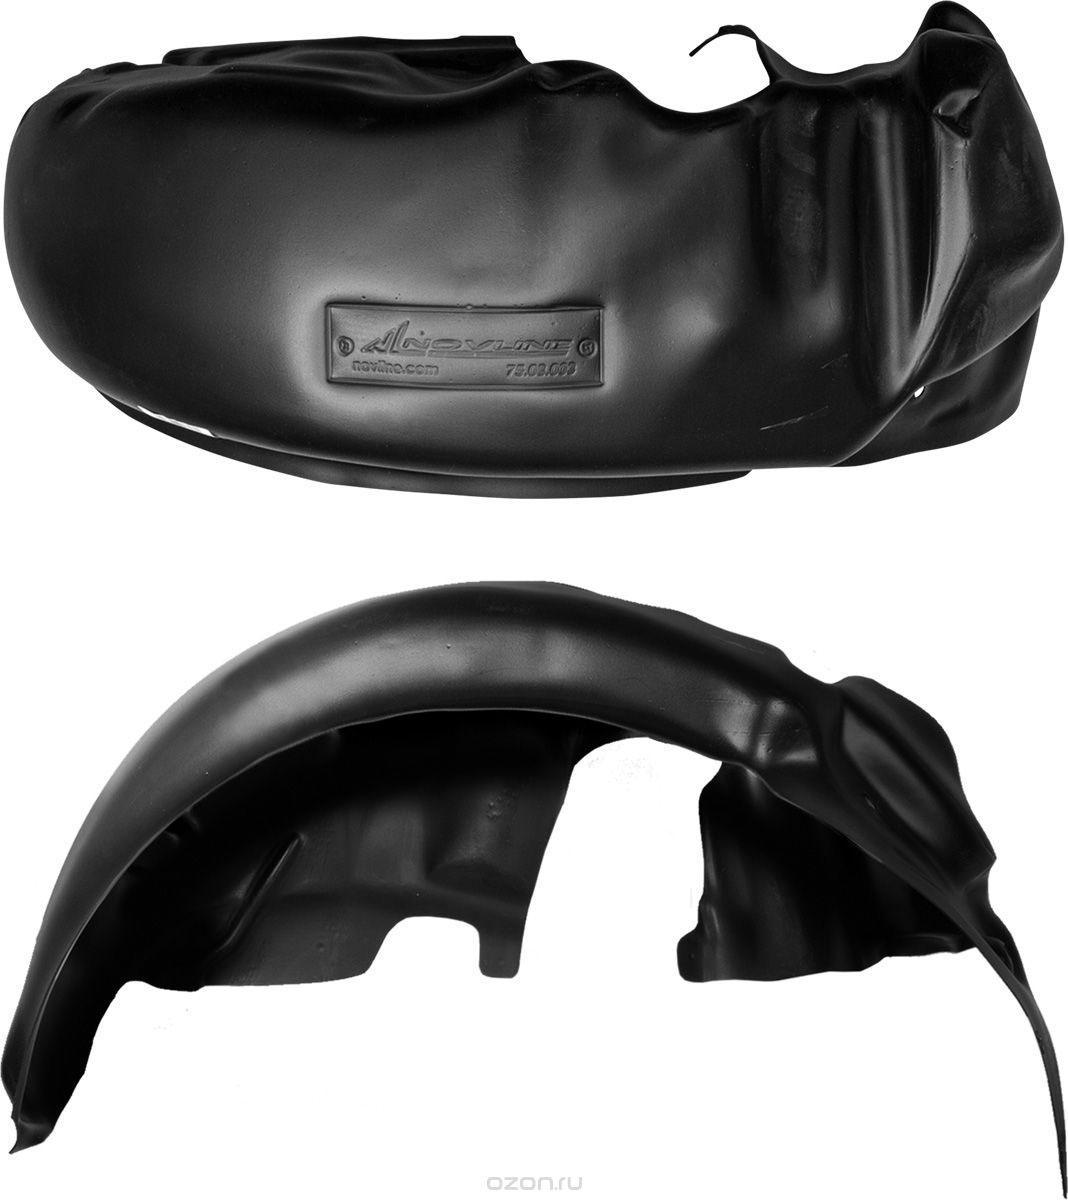 Подкрылок Novline-Autofamily, для Ford Mondeo, 2007-2014, седан, задний левыйNLL.16.18.003Идеальная защита колесной ниши. Локеры разработаны с применением цифровых технологий, гарантируют максимальную повторяемость поверхности арки. Изделия устанавливаются без нарушения лакокрасочного покрытия автомобиля, каждый подкрылок комплектуется крепежом. Уважаемые клиенты, обращаем ваше внимание, что фотографии на подкрылки универсальные и не отражают реальную форму изделия. При этом само изделие идет точно под размер указанного автомобиля.